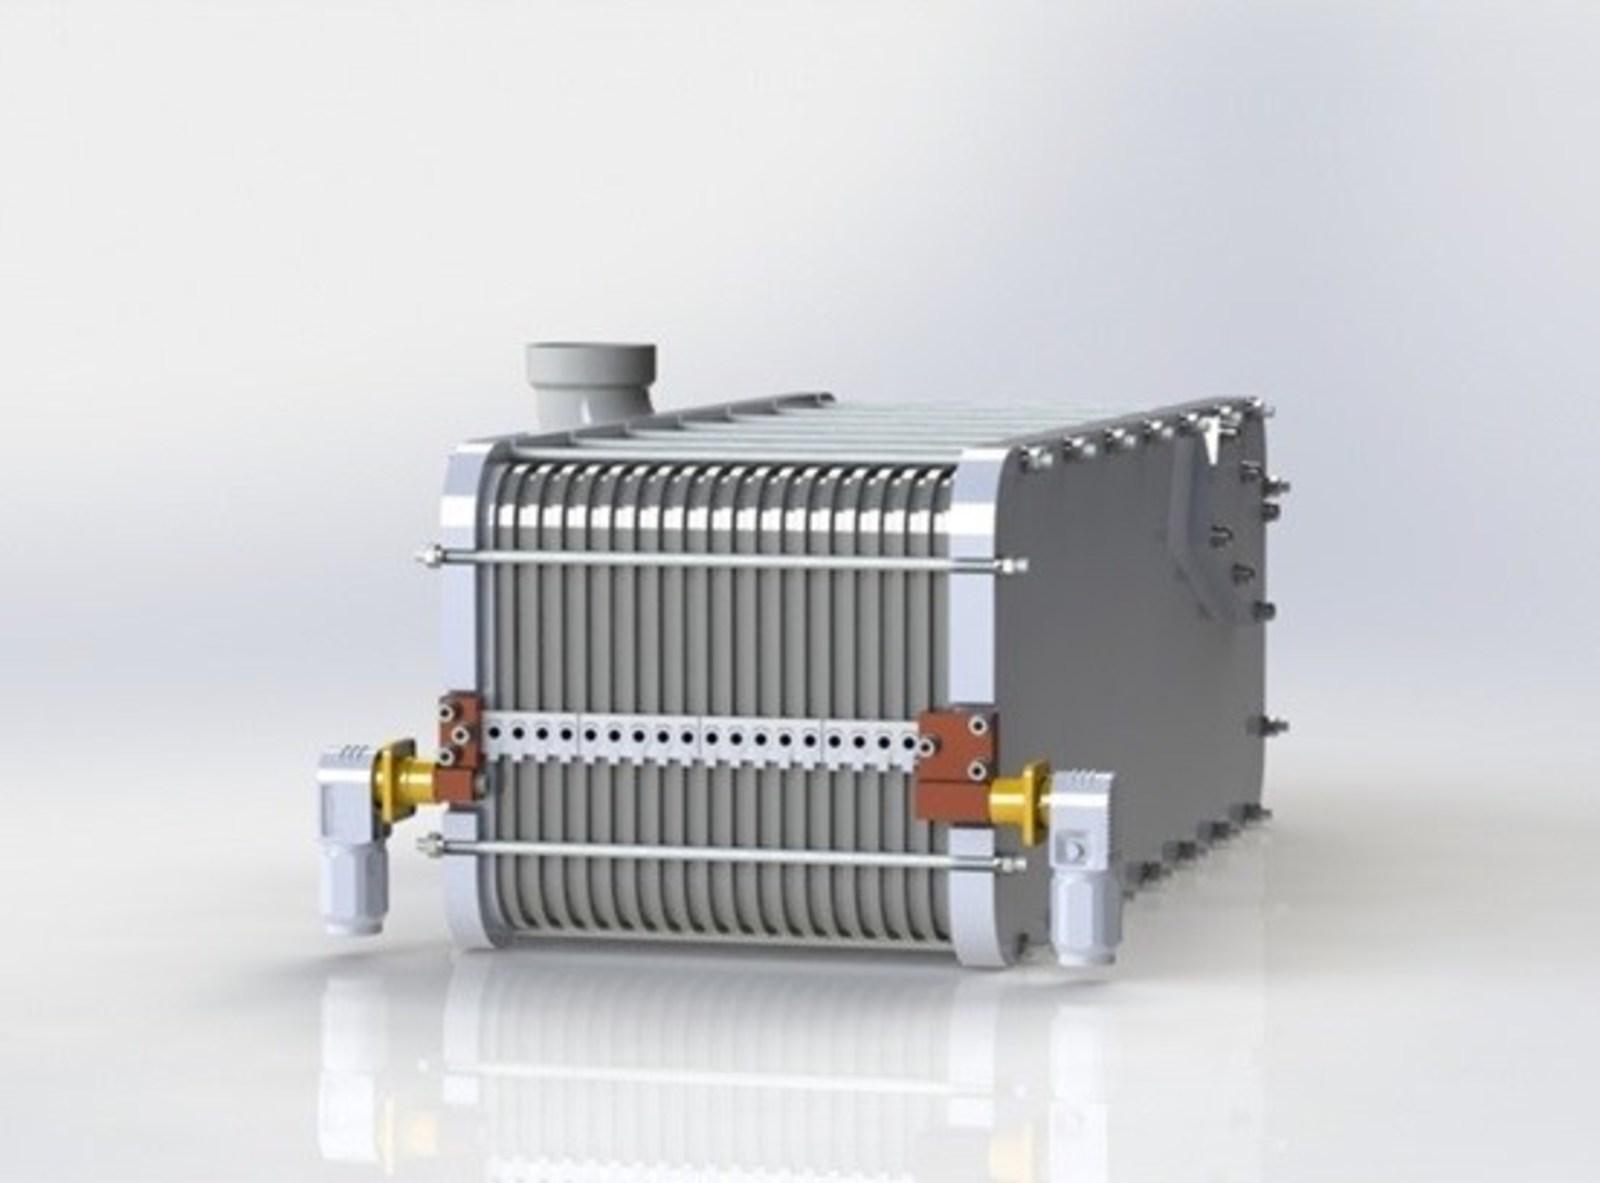 Figure 1. ZRS-4500 Zinc Regeneration Module